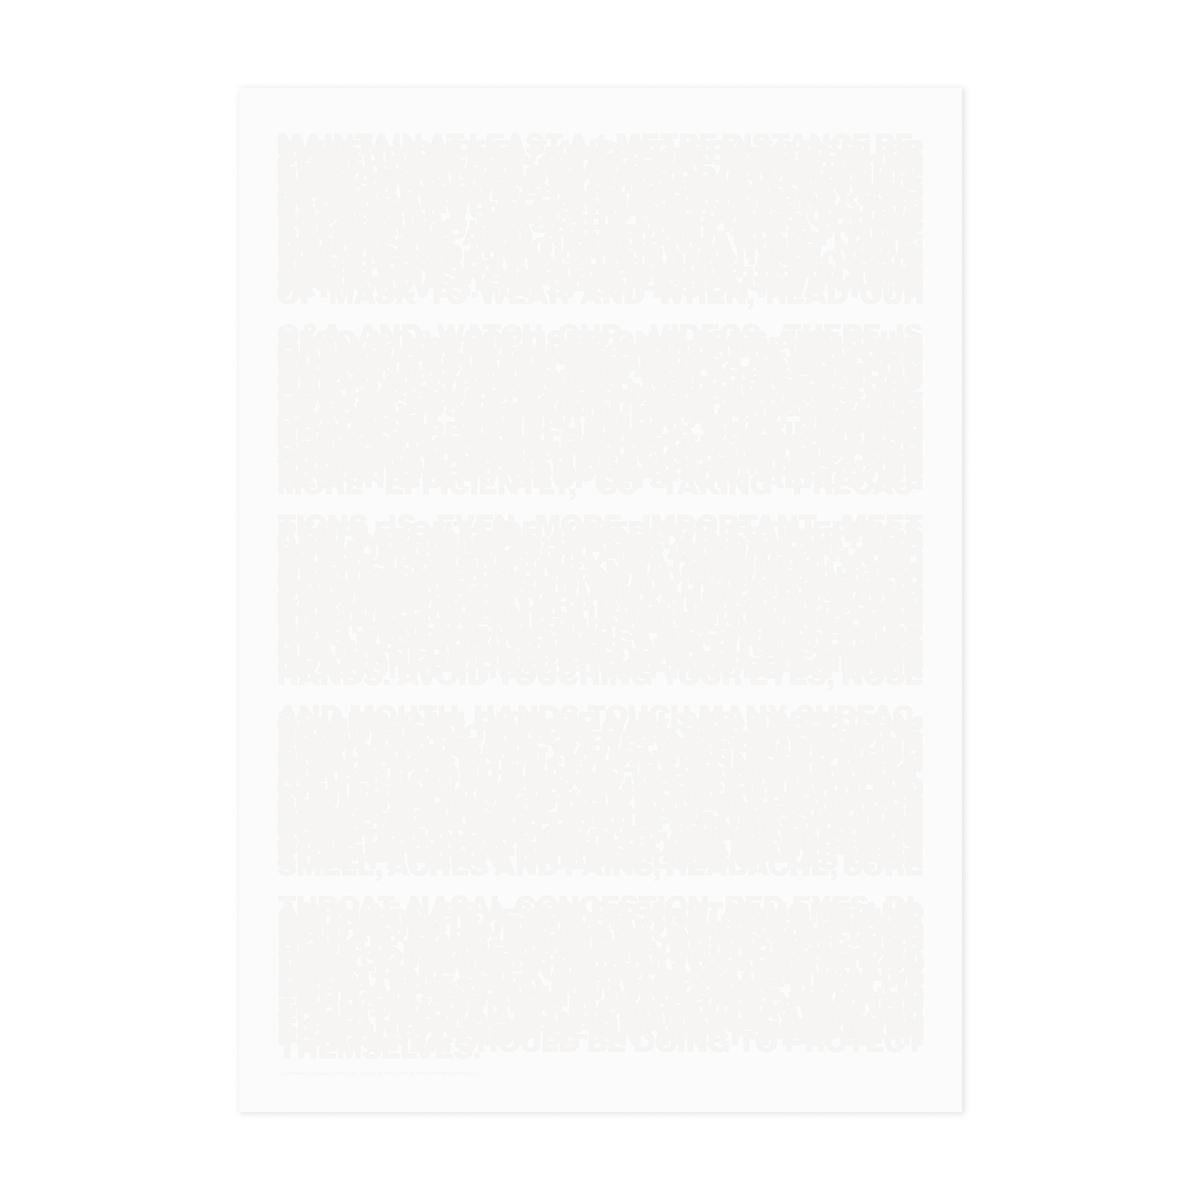 플랫폼엘 김기문 circle, rectangle, red, neon yellow, white 8